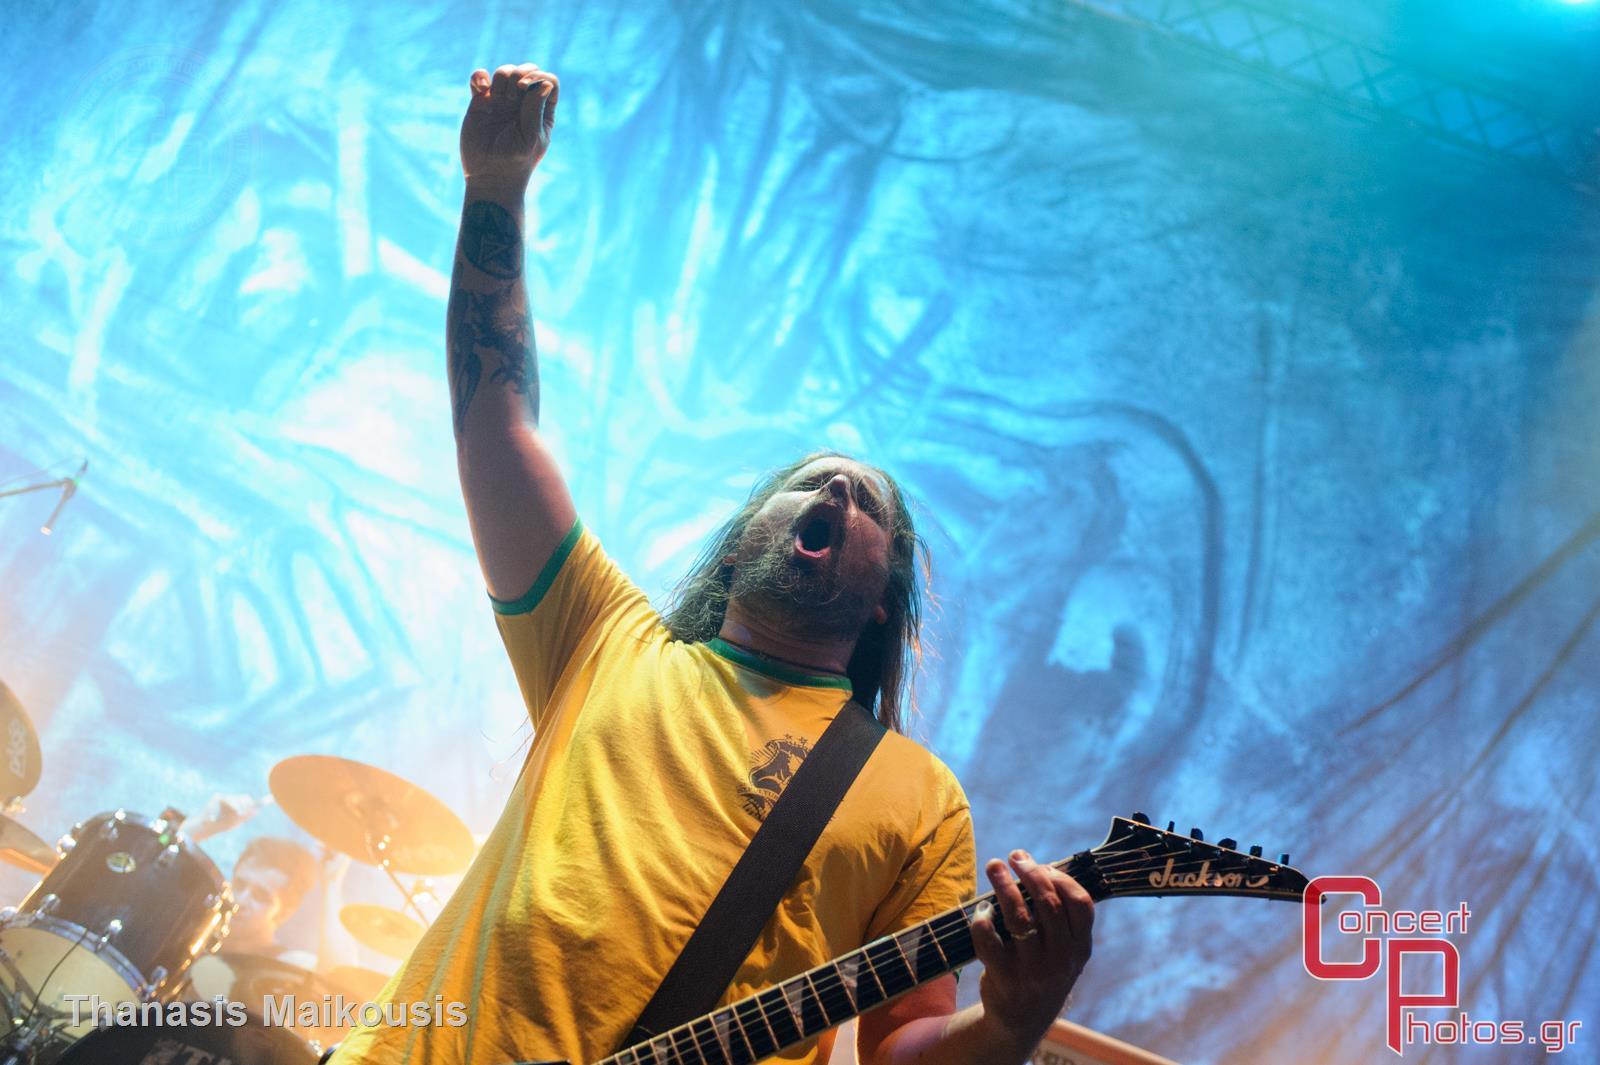 Sepultura-Sepultira photographer: Thanasis Maikousis - concertphotos_20140703_22_08_31